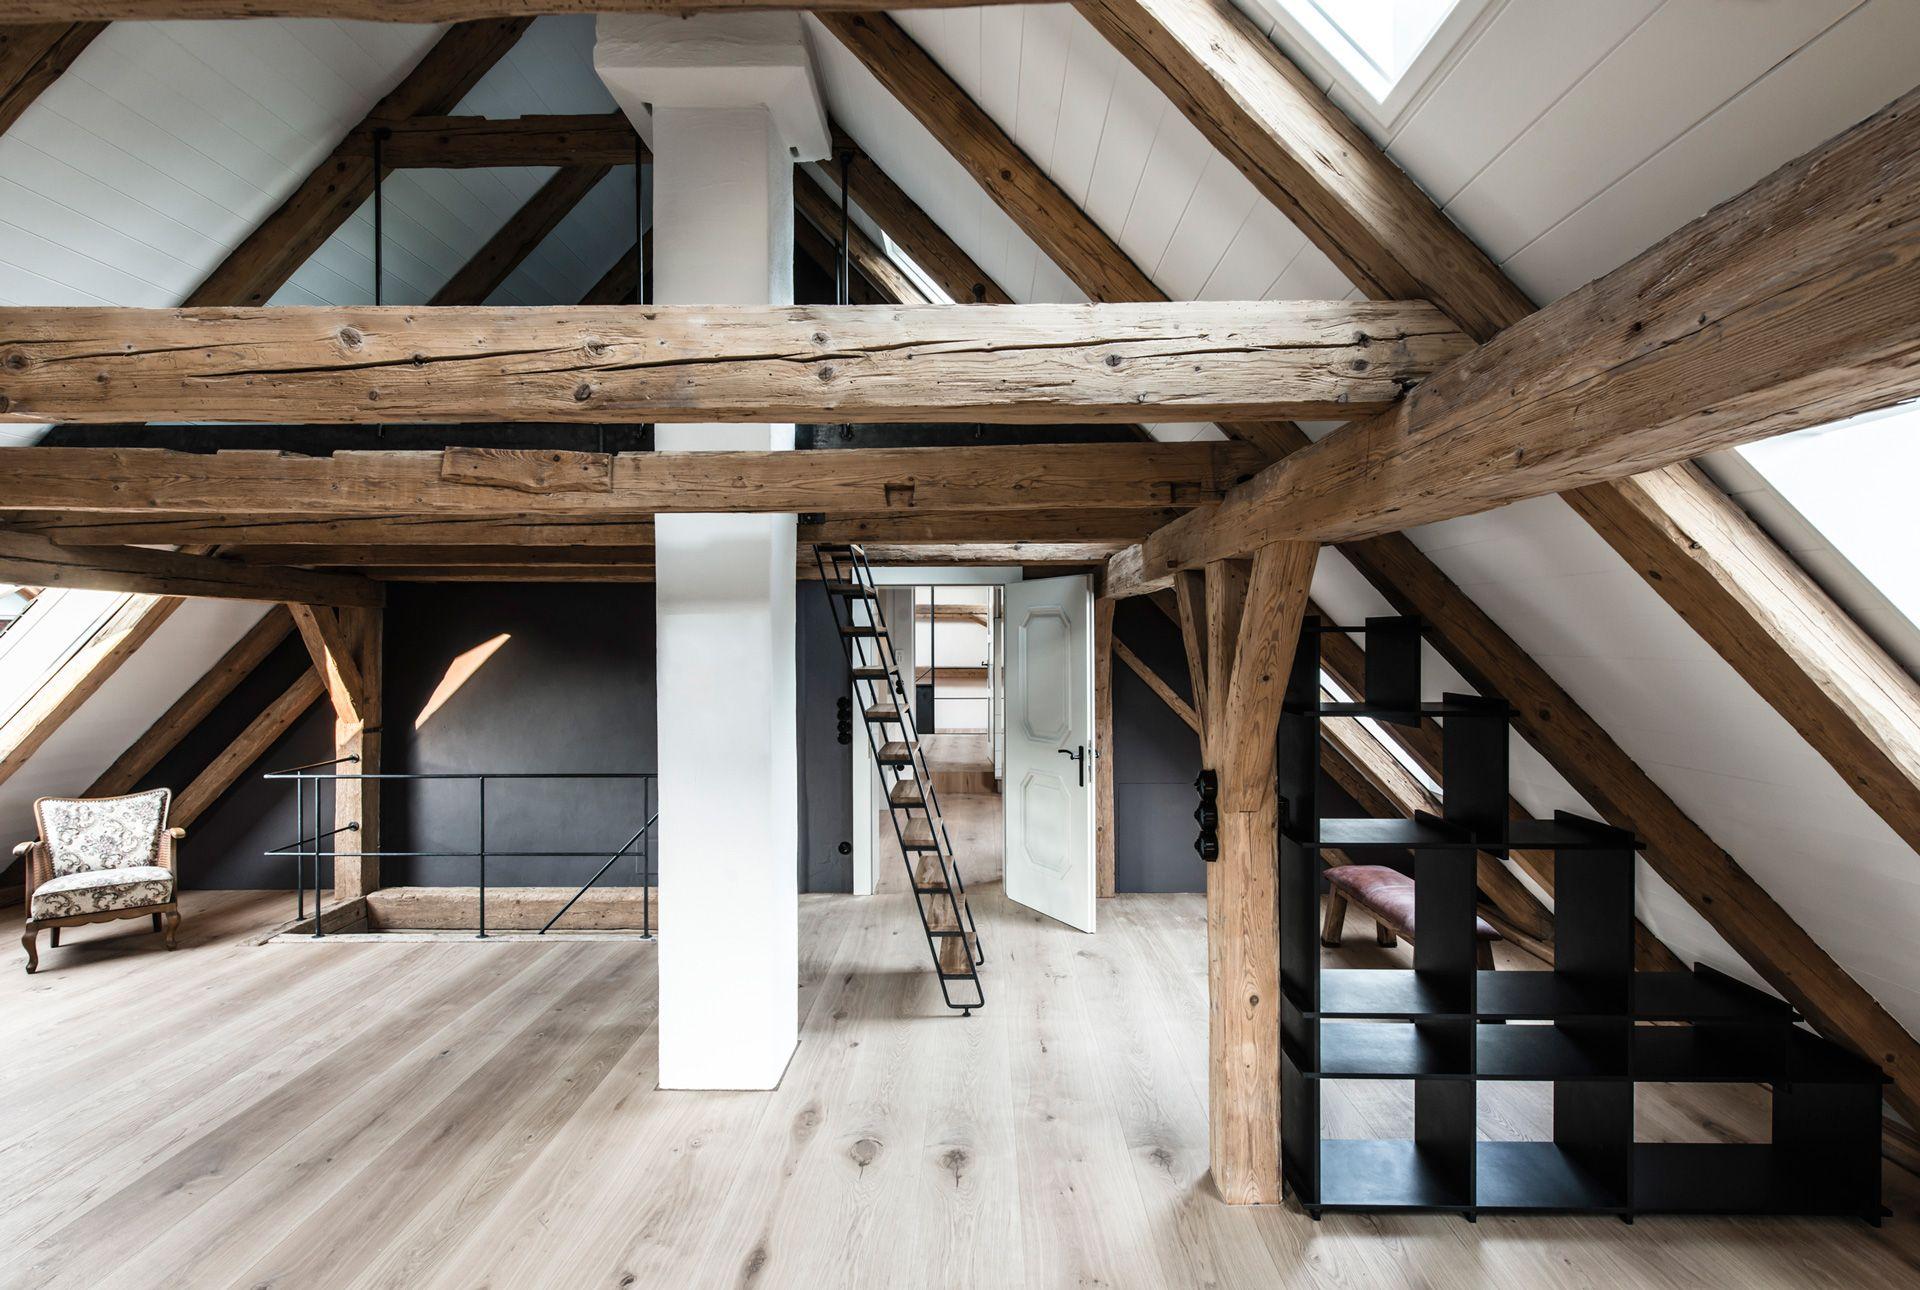 Ein ungewöhnlicher Bau wurde in London zum einem extravaganten Wohnhaus umgebaut Die Einrichtung besticht durch einen gelungenen Stilmix aus ausgesuc